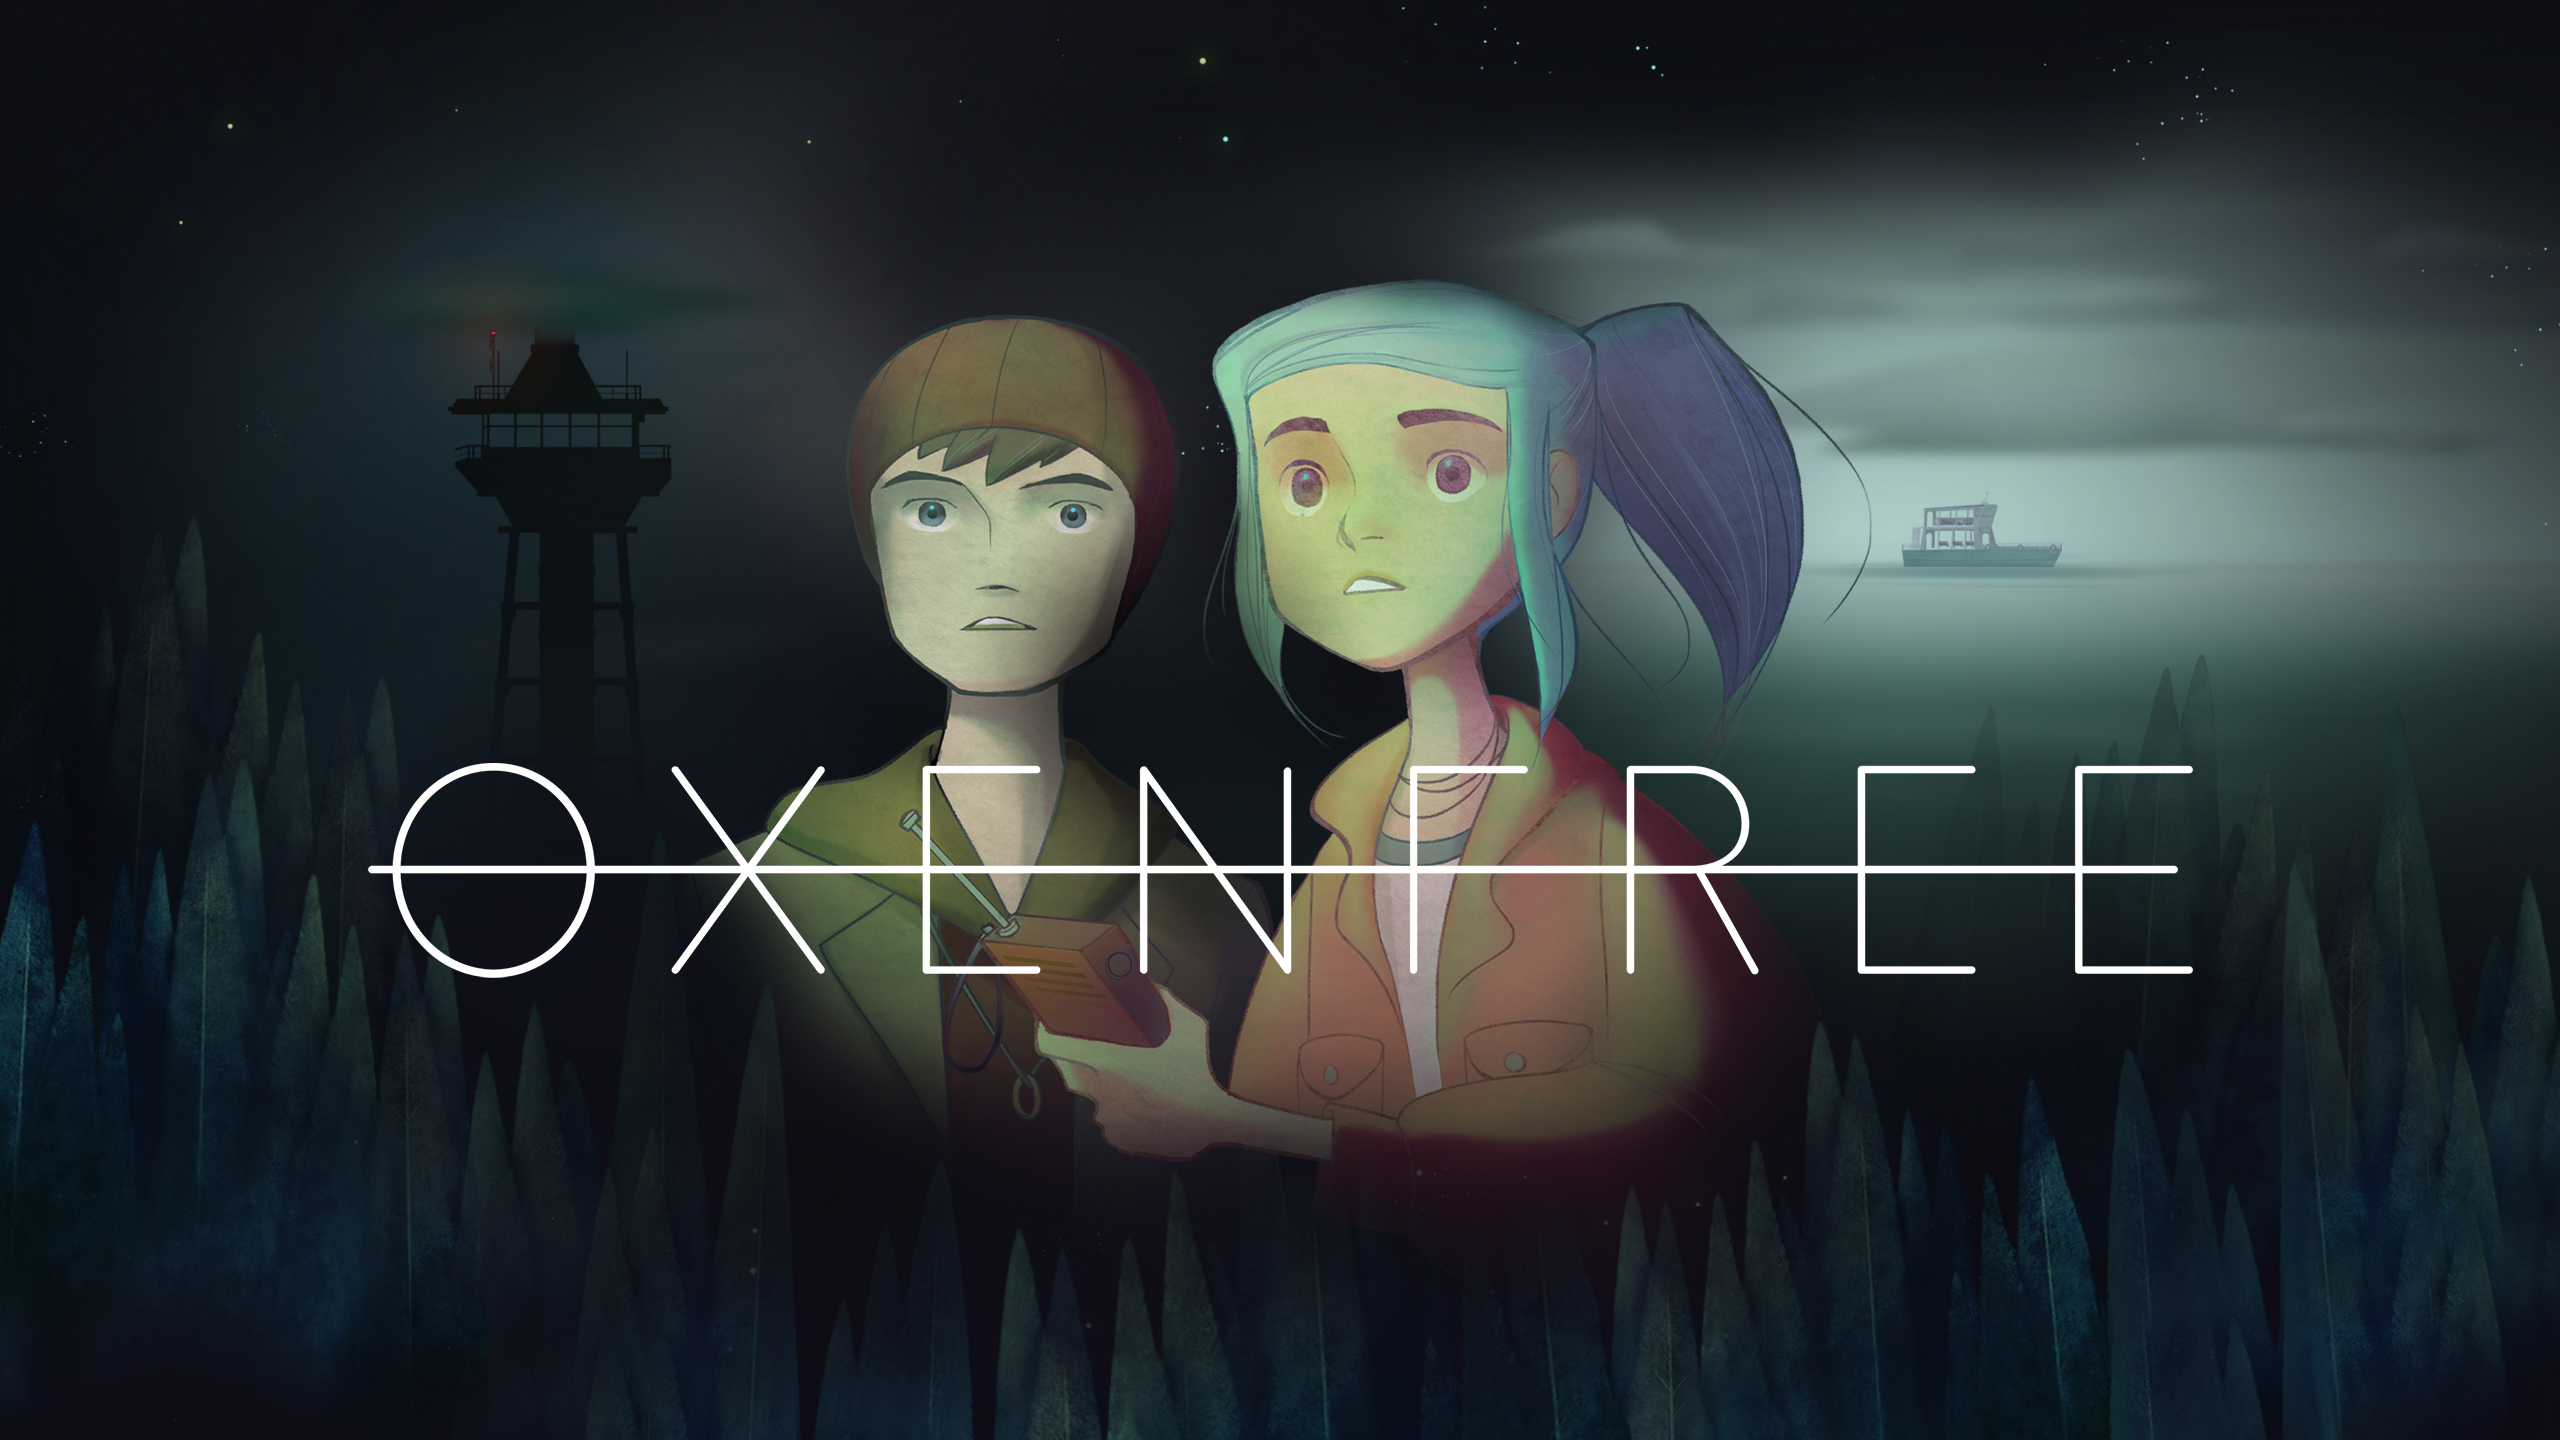 ¡«Oxenfree» está disponible de manera gratuita desde el 21 de marzo a las 16:00 CET hasta el 4 de abril a las 15:59 CET!